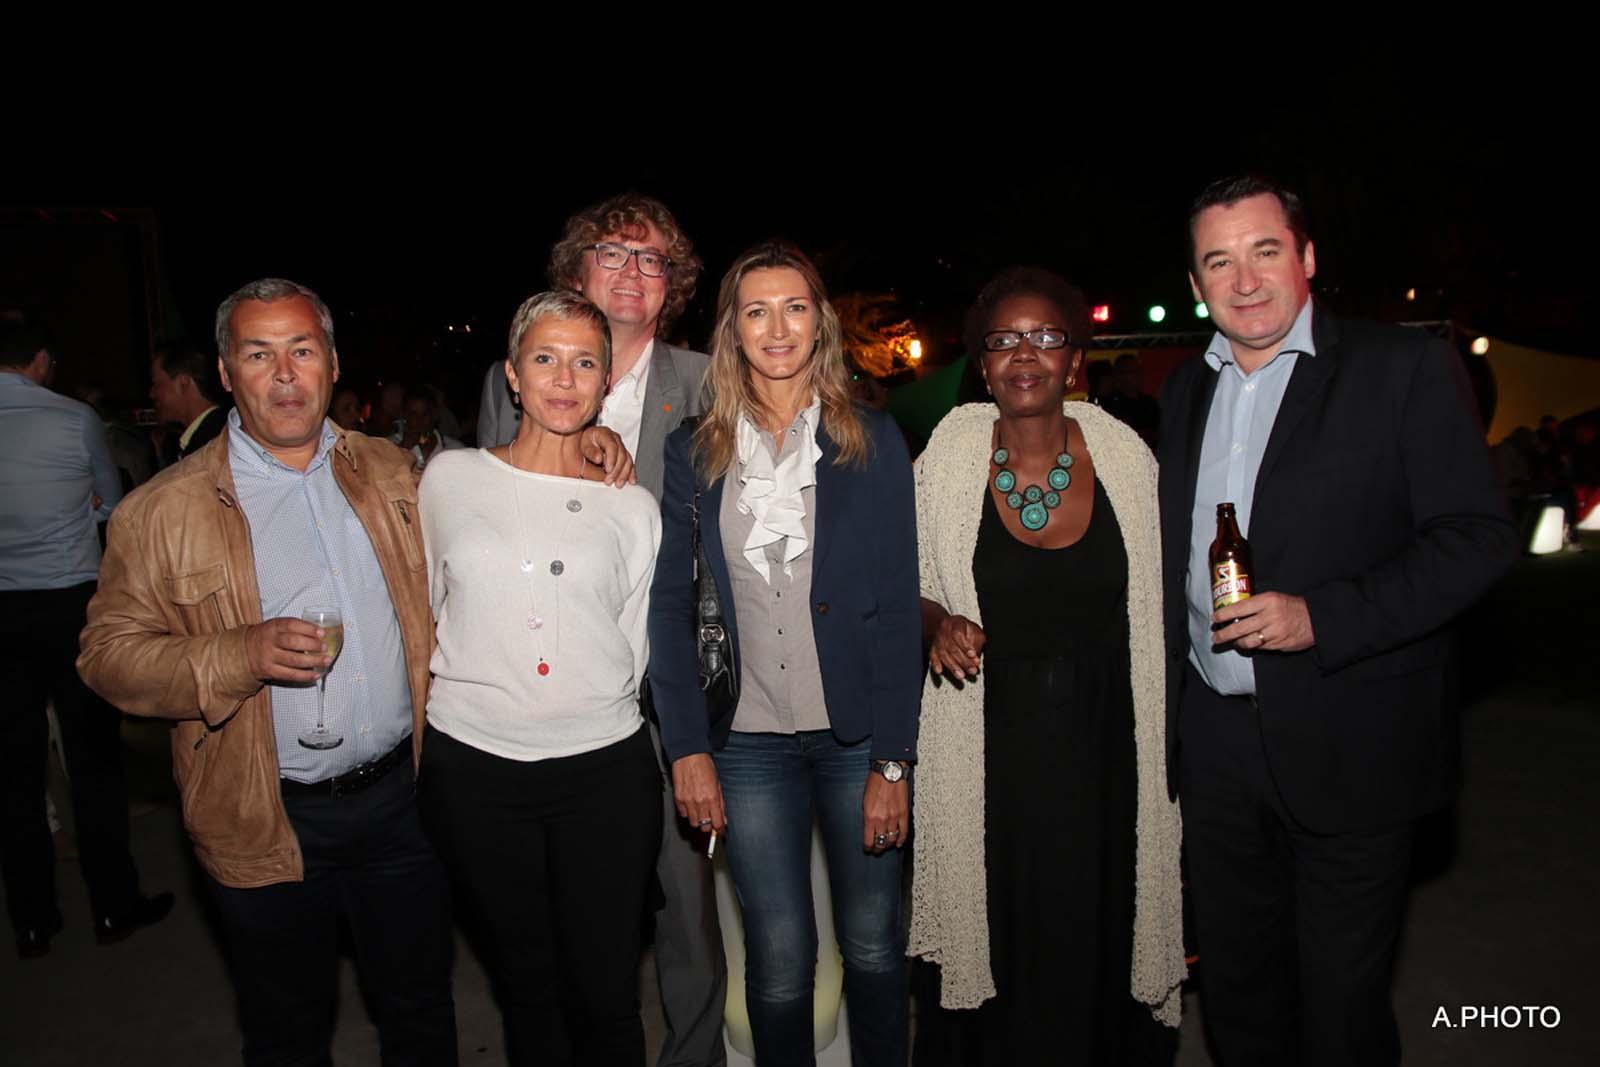 Frédéric et Carine Chausson, Eric Bouquillon, Virginie Turonnet, Marie-Lucie Ajax du LUX, et Pascal Turonnet, directeur du Mercure Créolia